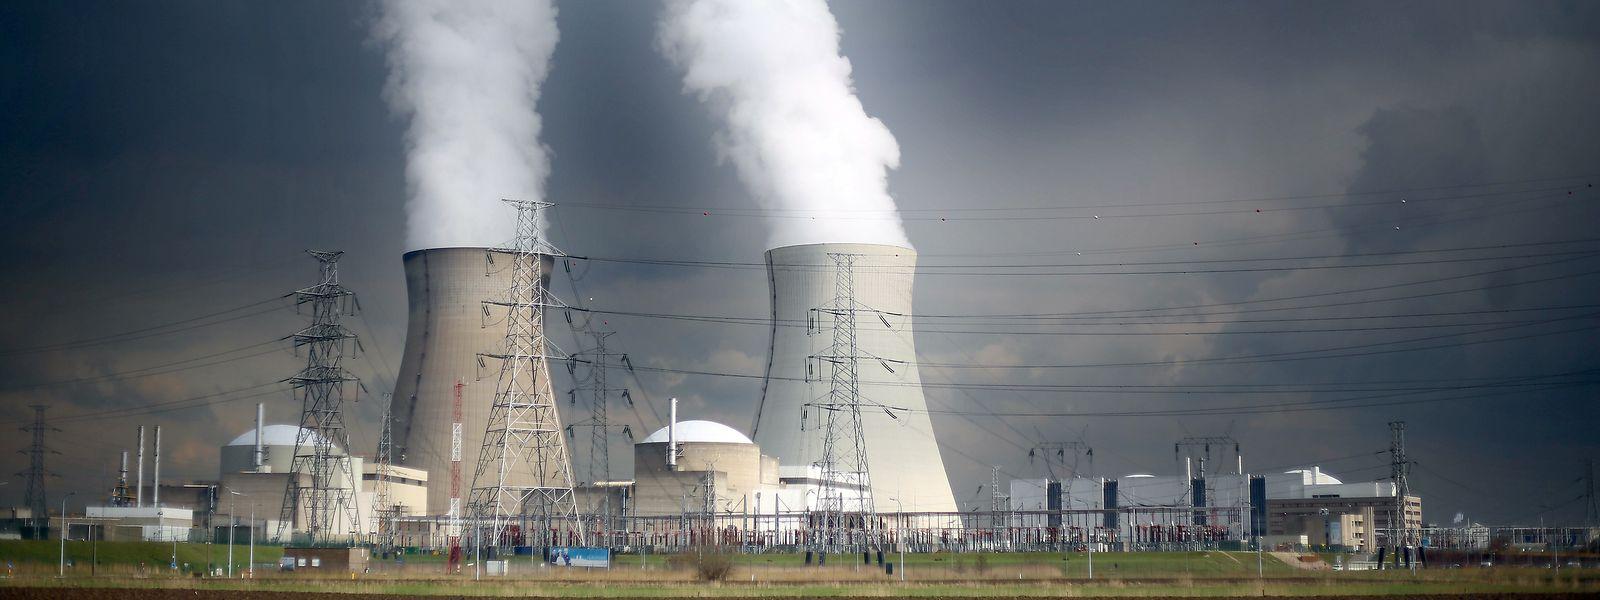 Das Kraftwerk Doel steht seit Jahren im Kreuzfeuer der Kritik.